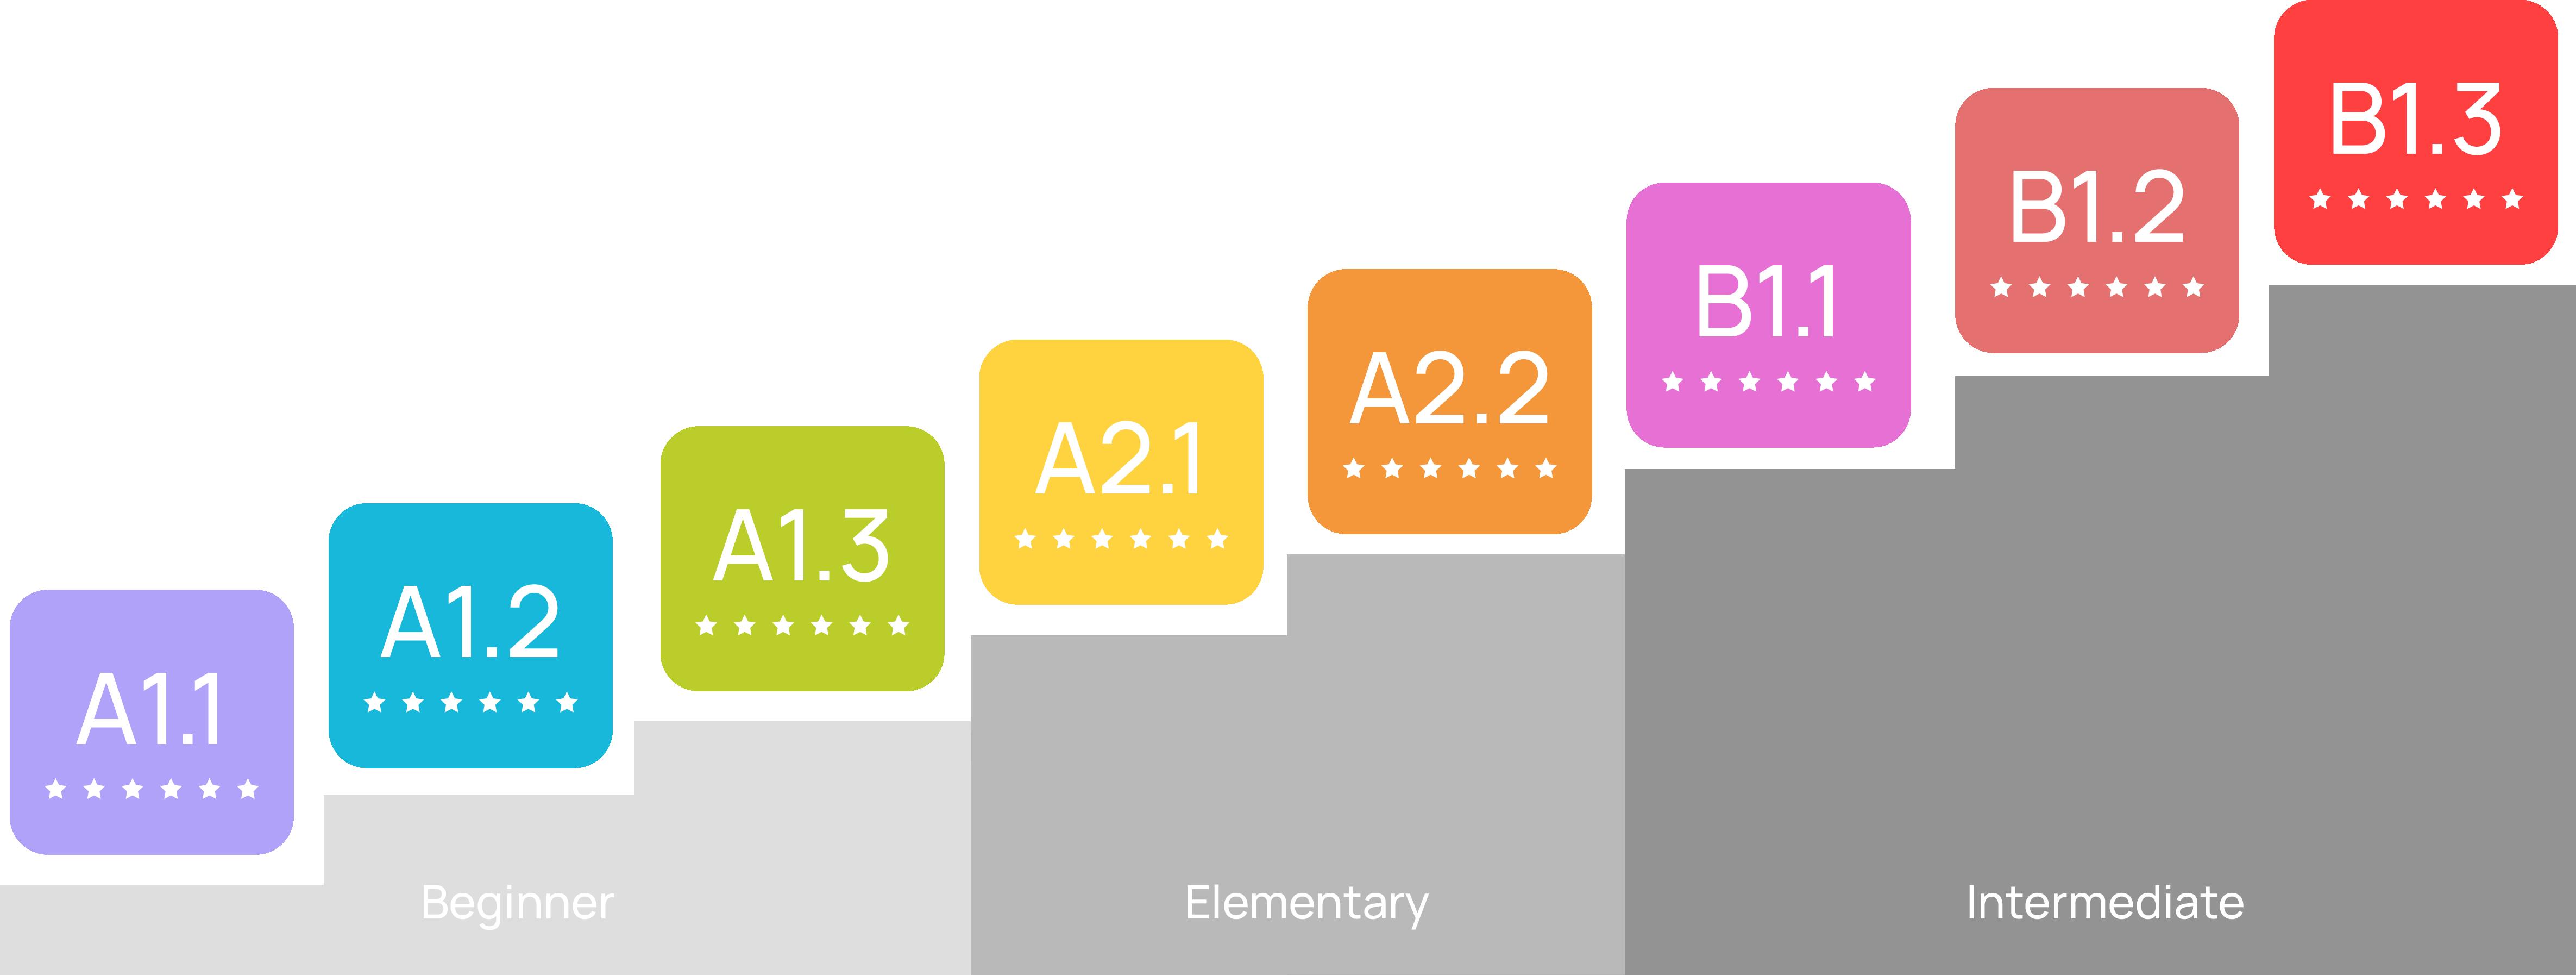 Tingkatan Level Kursus Bahasa Jerman Junior (Age 11-15)